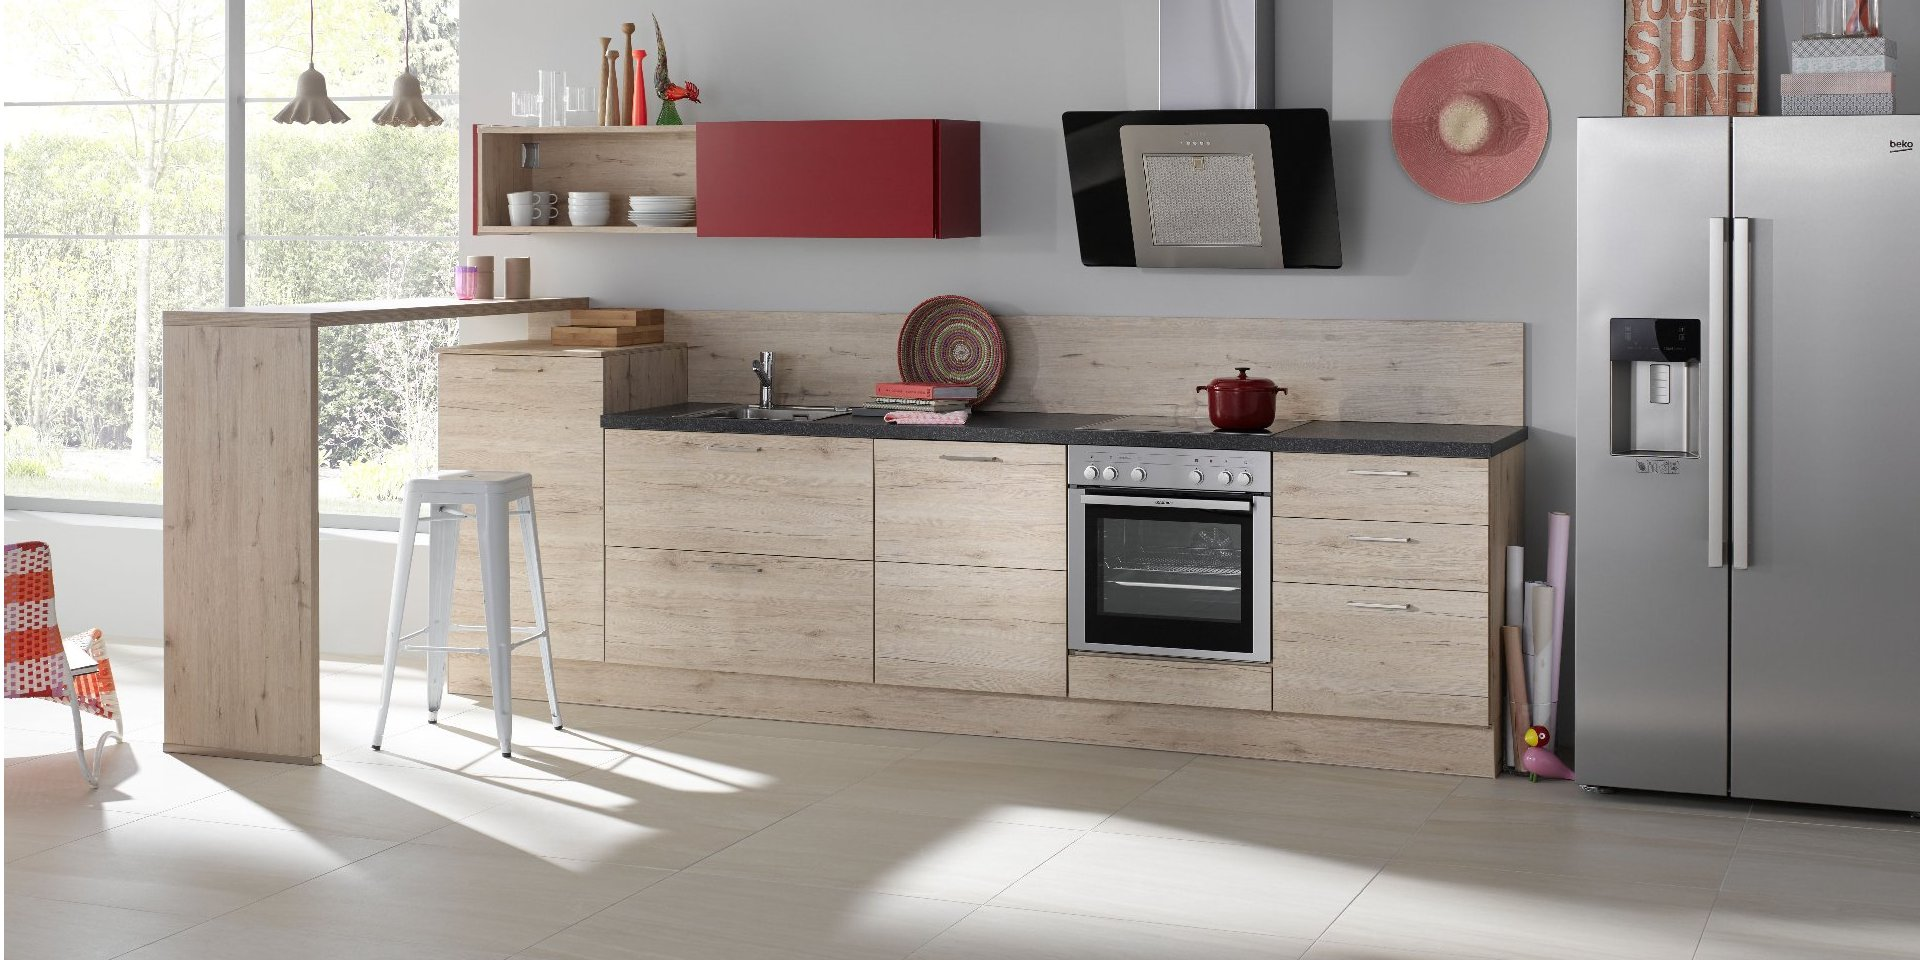 m bel windhaus gmbh home. Black Bedroom Furniture Sets. Home Design Ideas